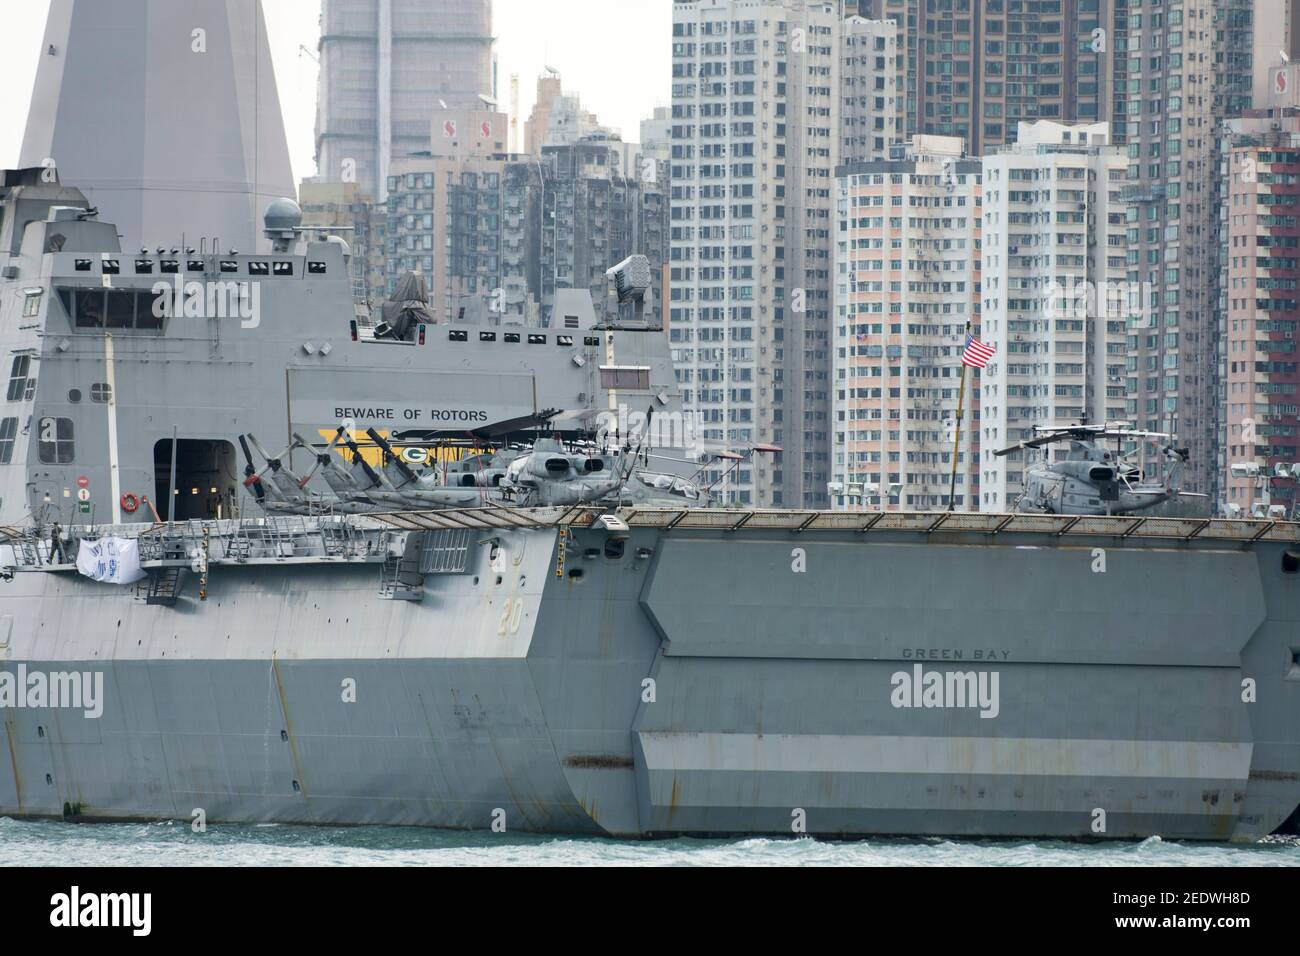 Vista del muelle anfibio USS Green Bay (LPD 20) frente al horizonte de los edificios, atracado en la entrada del puerto Victoria como parte de una visita programada al puerto. Green Bay es parte del Bonhomme Richard Expeditionary Strike Group visto aquí en Hong Kong Hong Kong, SAR, China, PRC. © Time-Snaps Foto de stock